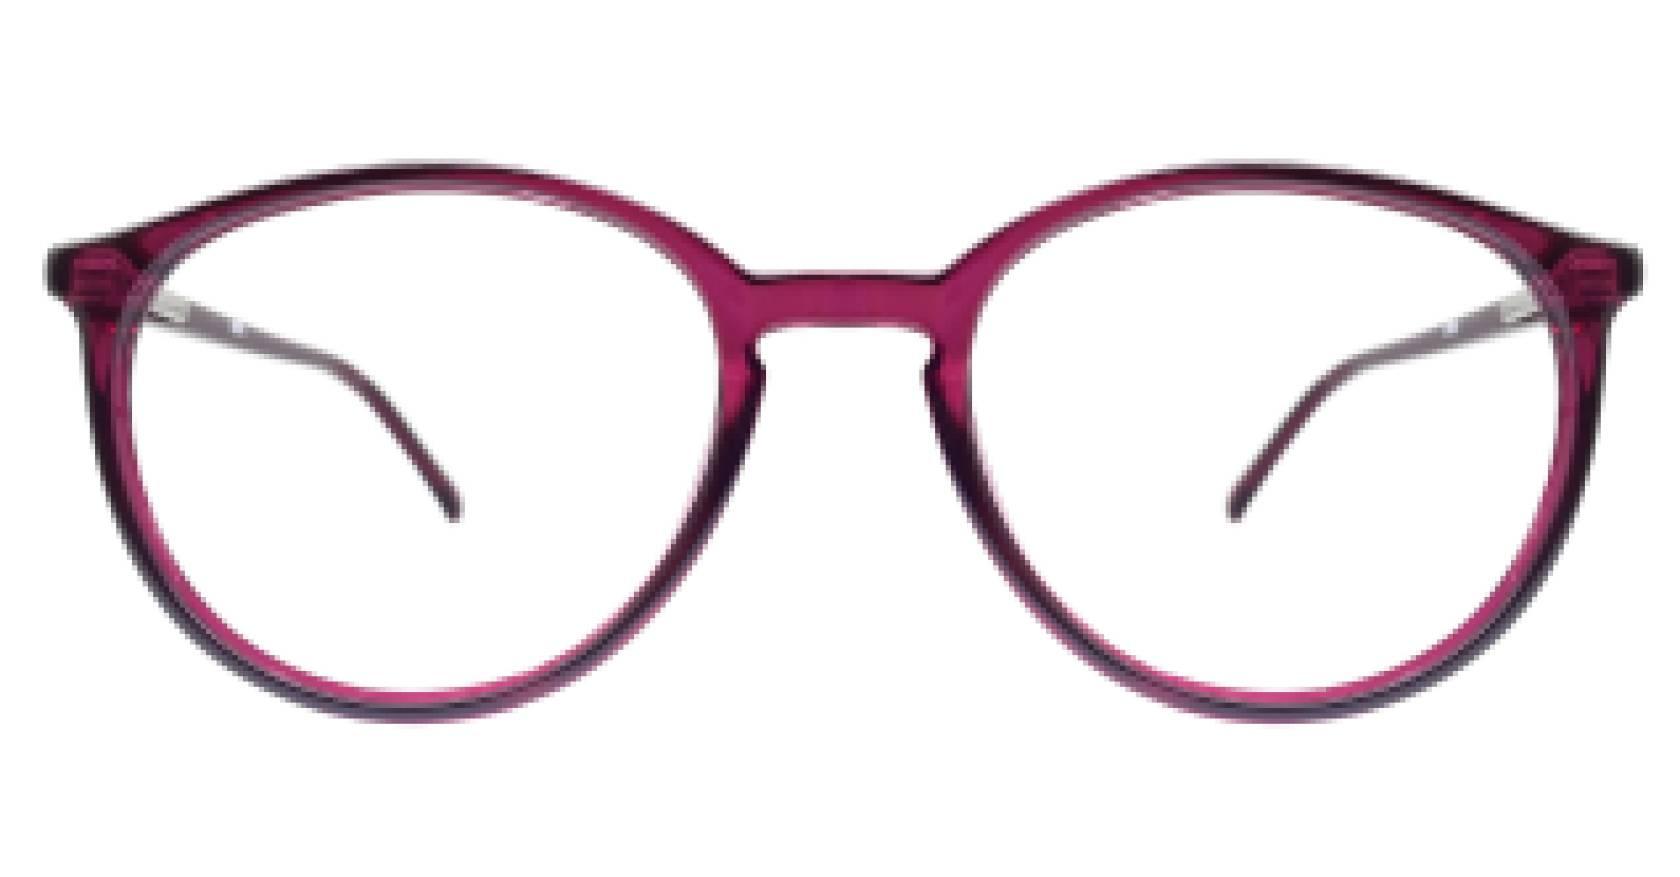 imagen miniatura frontal de la referencia 100989